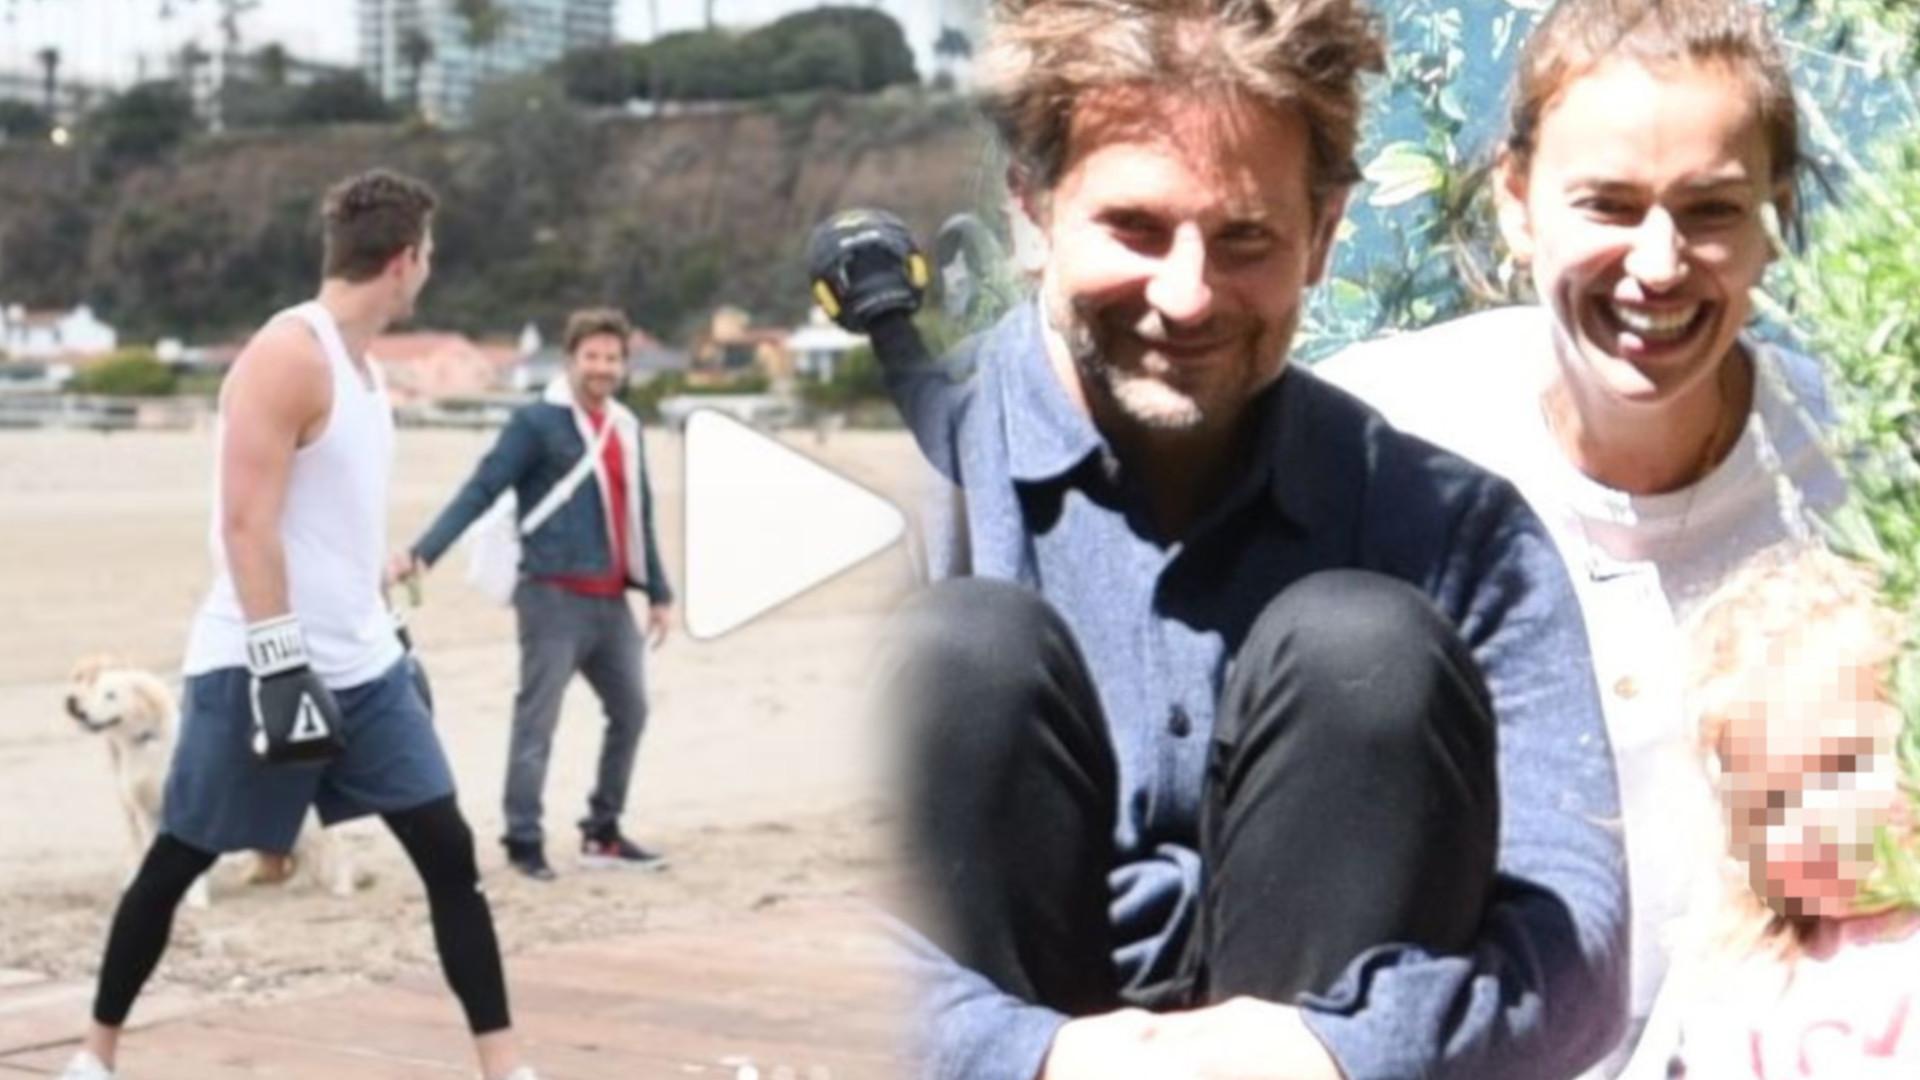 Bradley Cooper i Irina Shayk z córeczką PRZYPADKOWO weszli w kadr nagrania. Wyglądali tak normalnie, że nikt ich nie poznał (VIDEO)